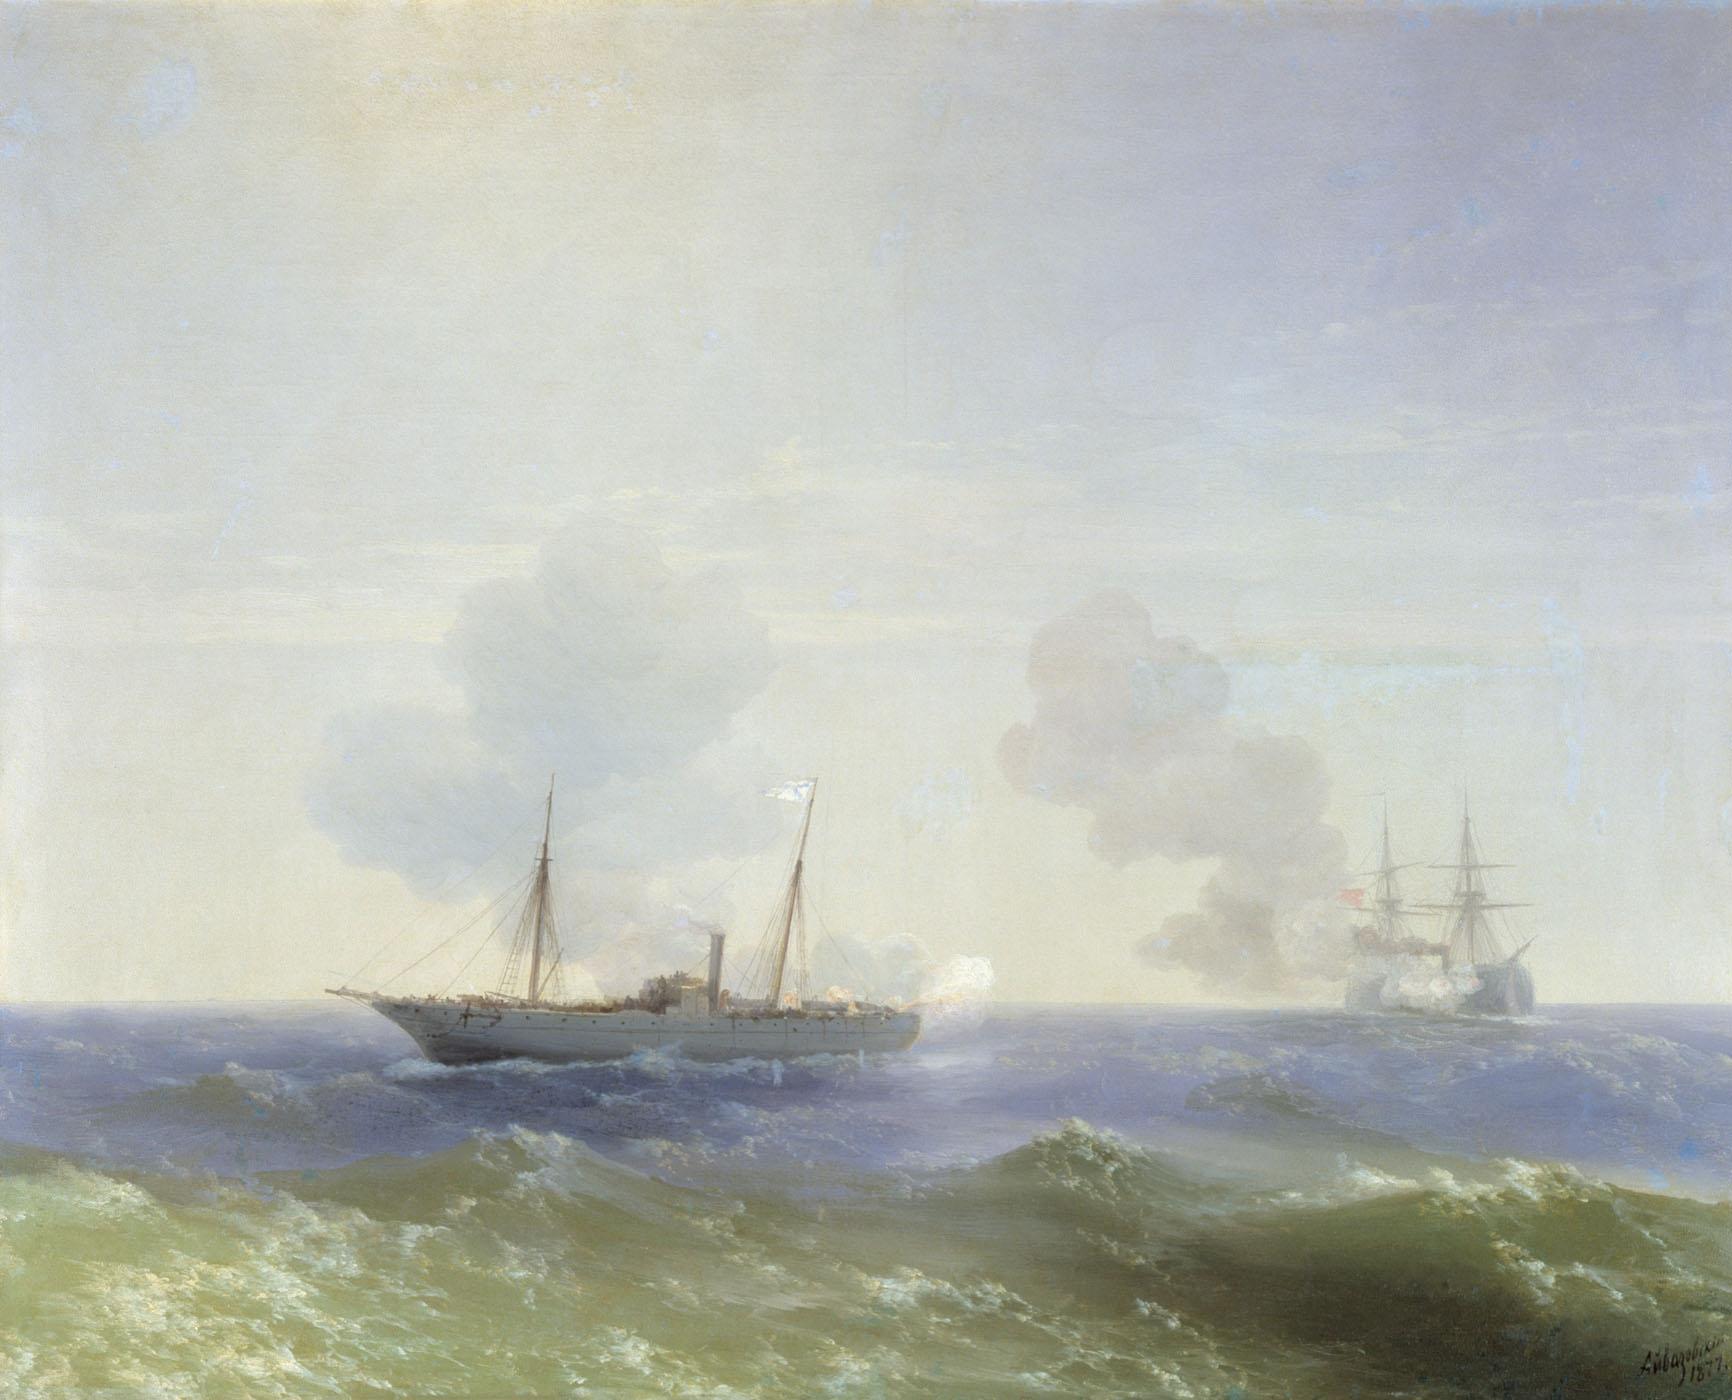 бой парохода веста с турецким броненосцем фехти буленд 11 июля 1877